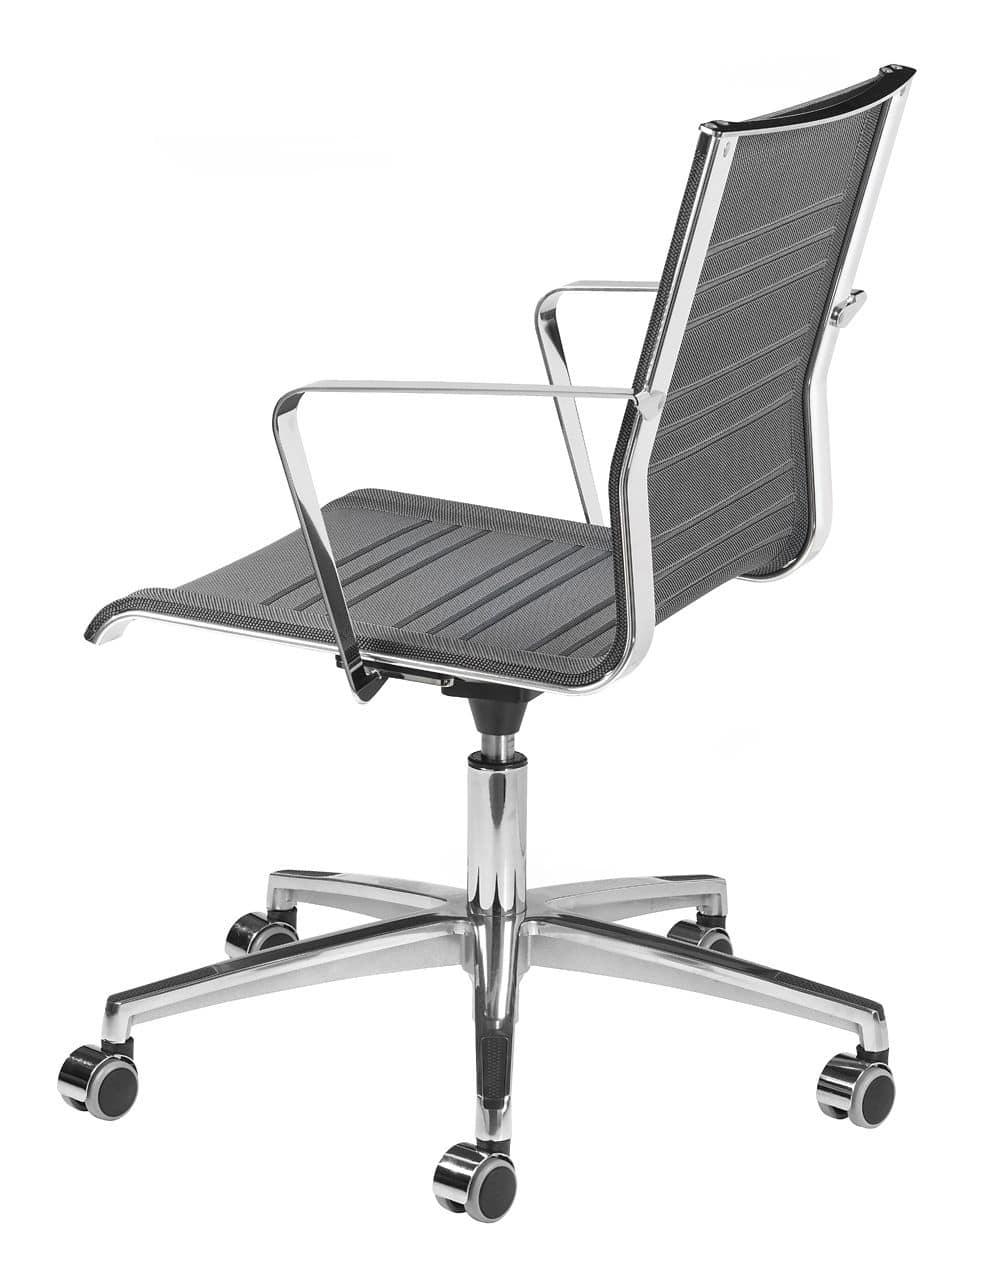 Sedia operativa con ruote struttura in metallo cromato for Fenice design sedie ufficio